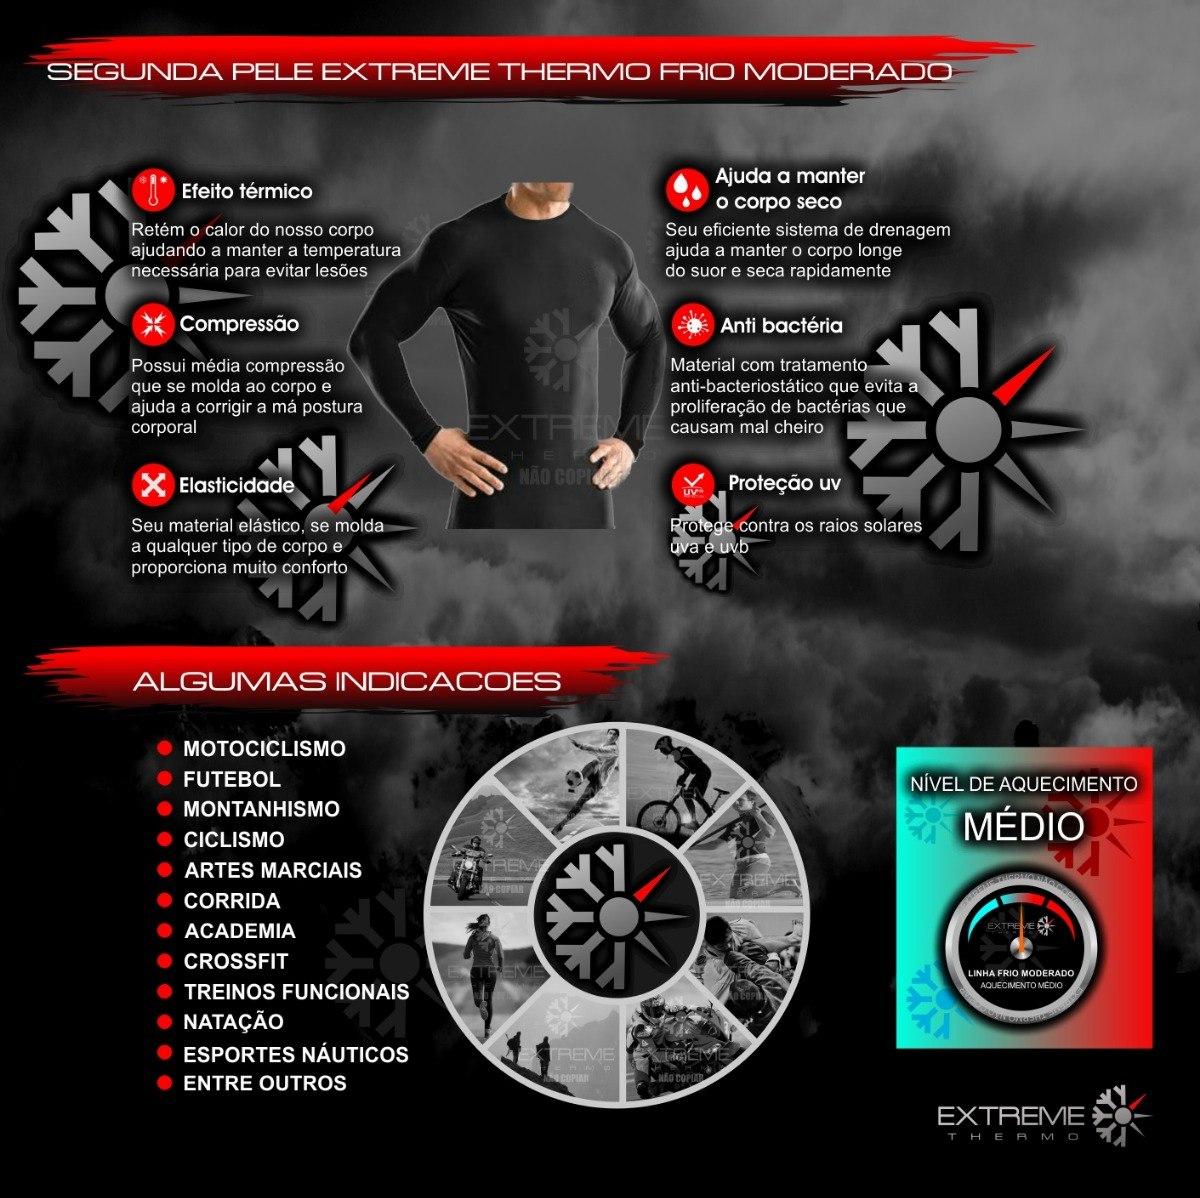 camisa térmica segunda pele proteção uv extreme thermo mista. Carregando  zoom. e9220ca03bb5a